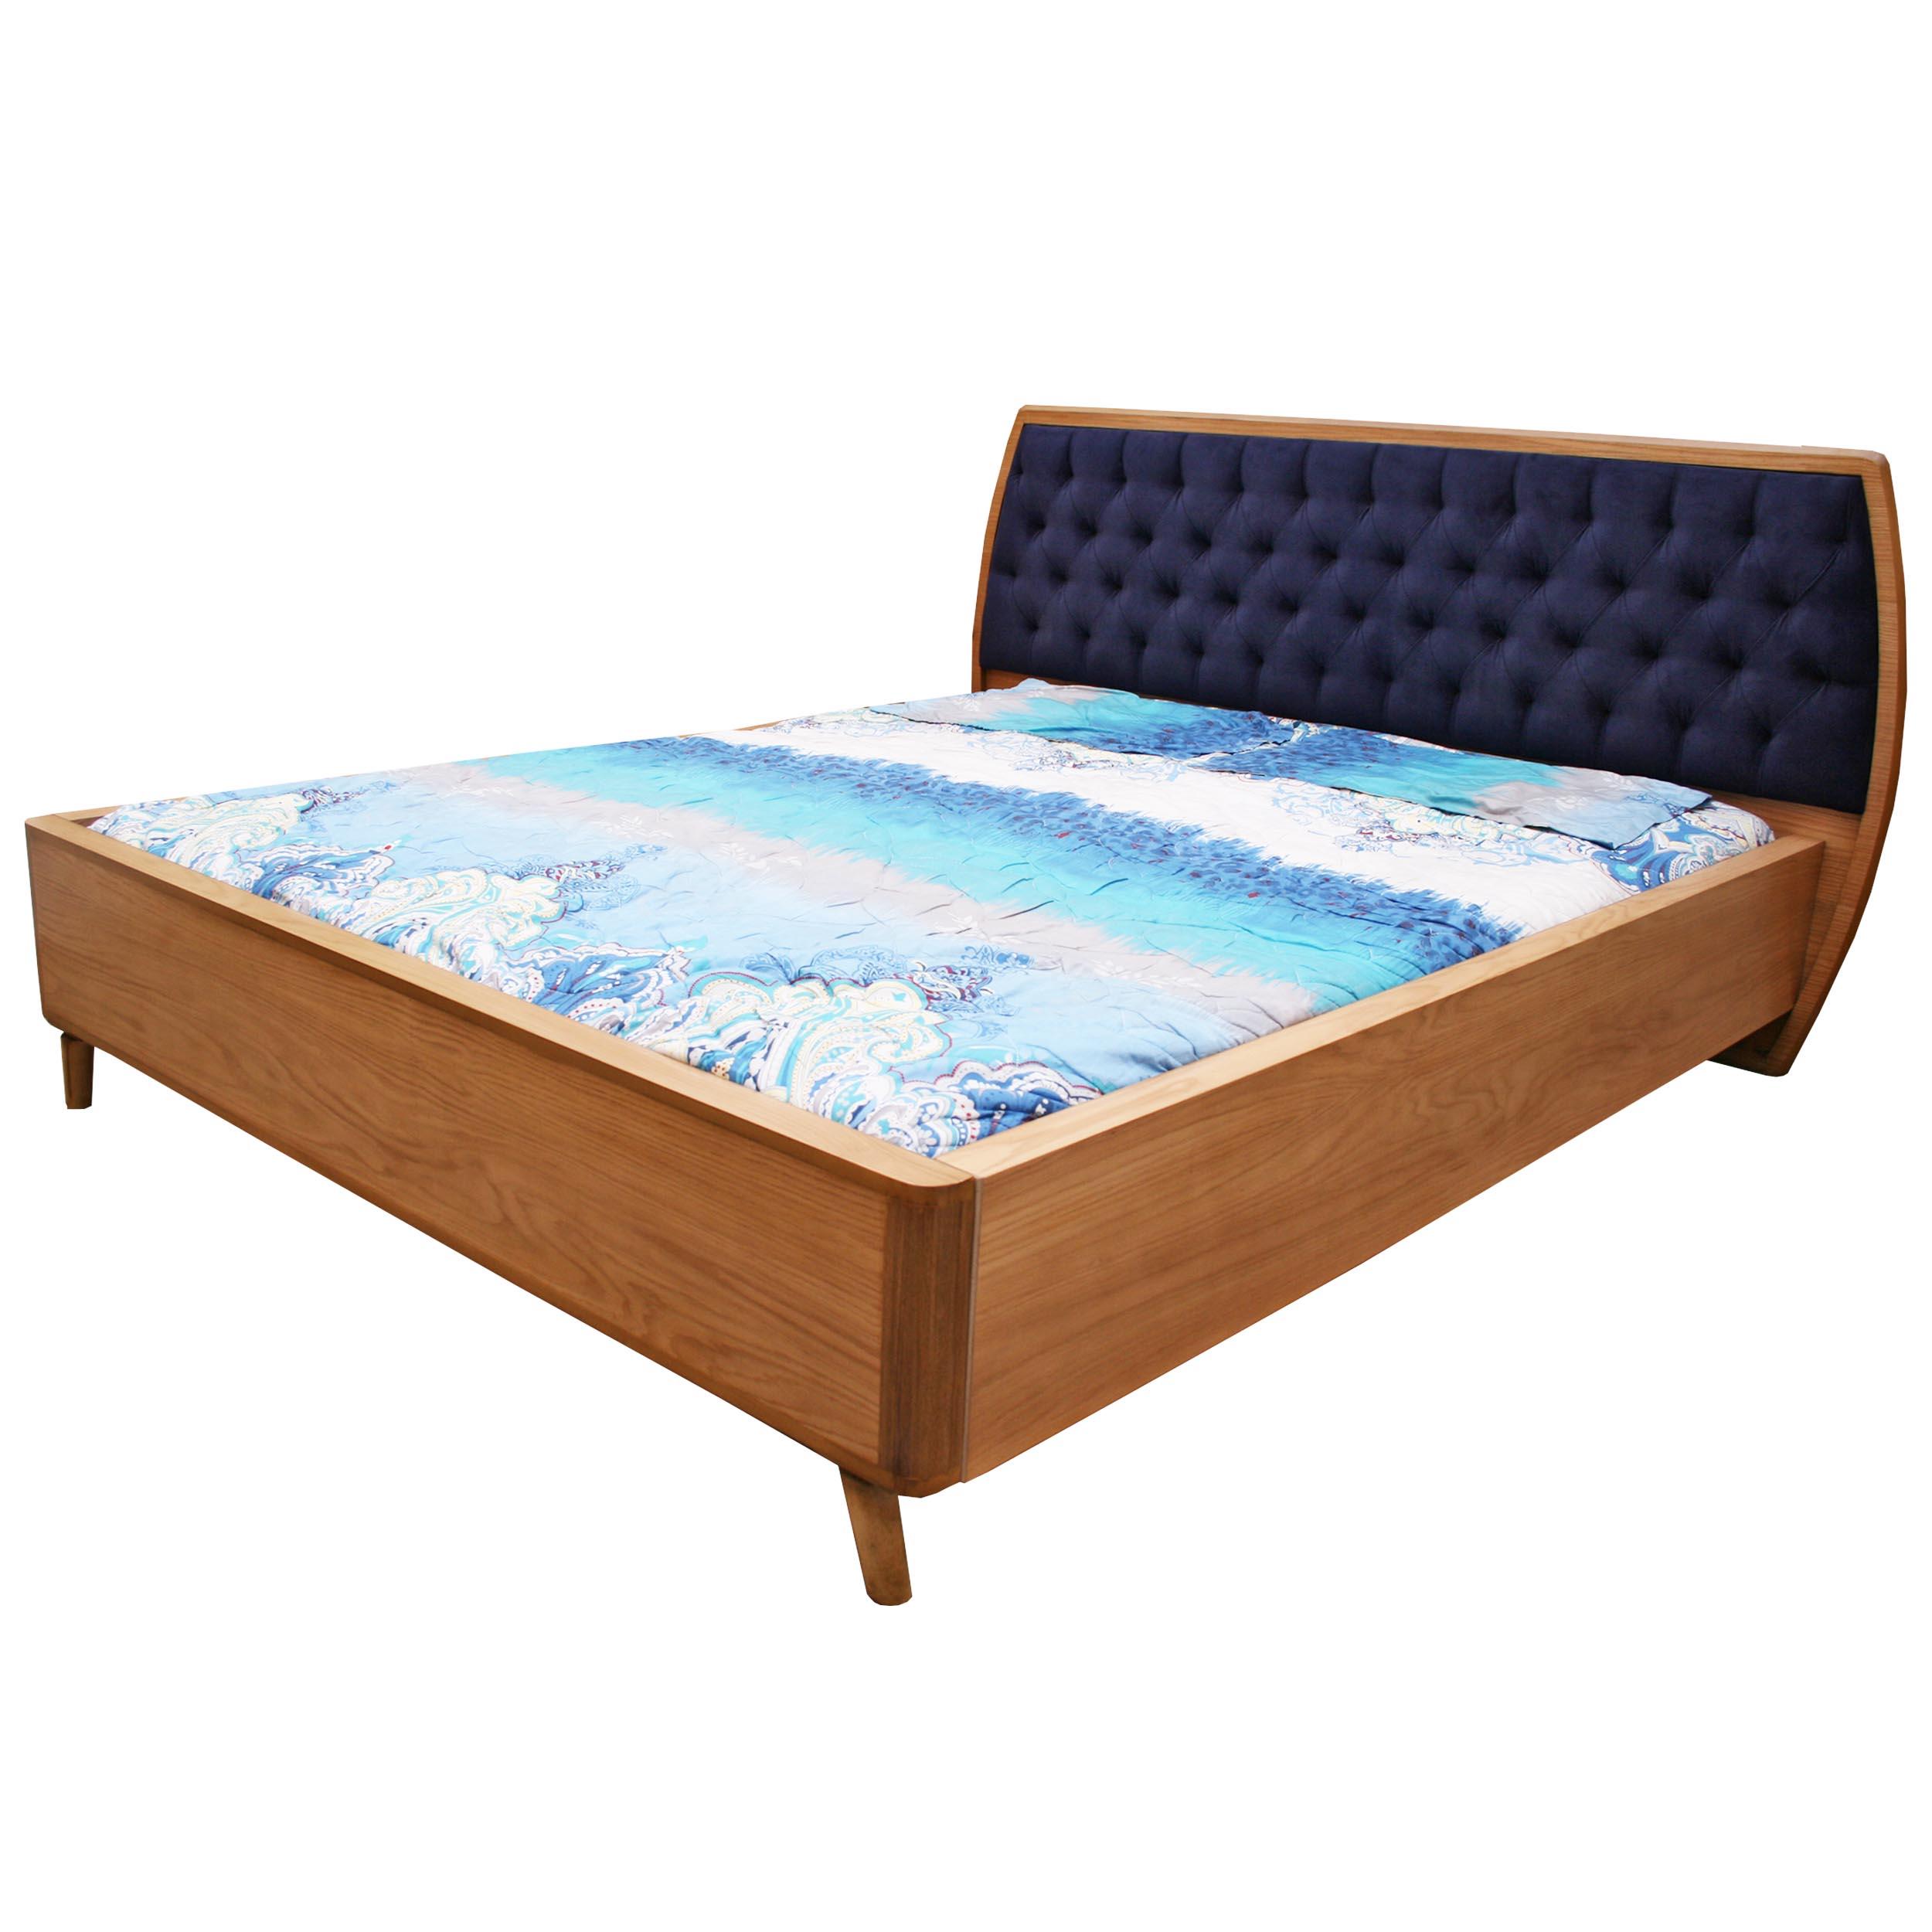 تخت خواب 2 نفره کد MD022 سایز 160×200 سانتی متر